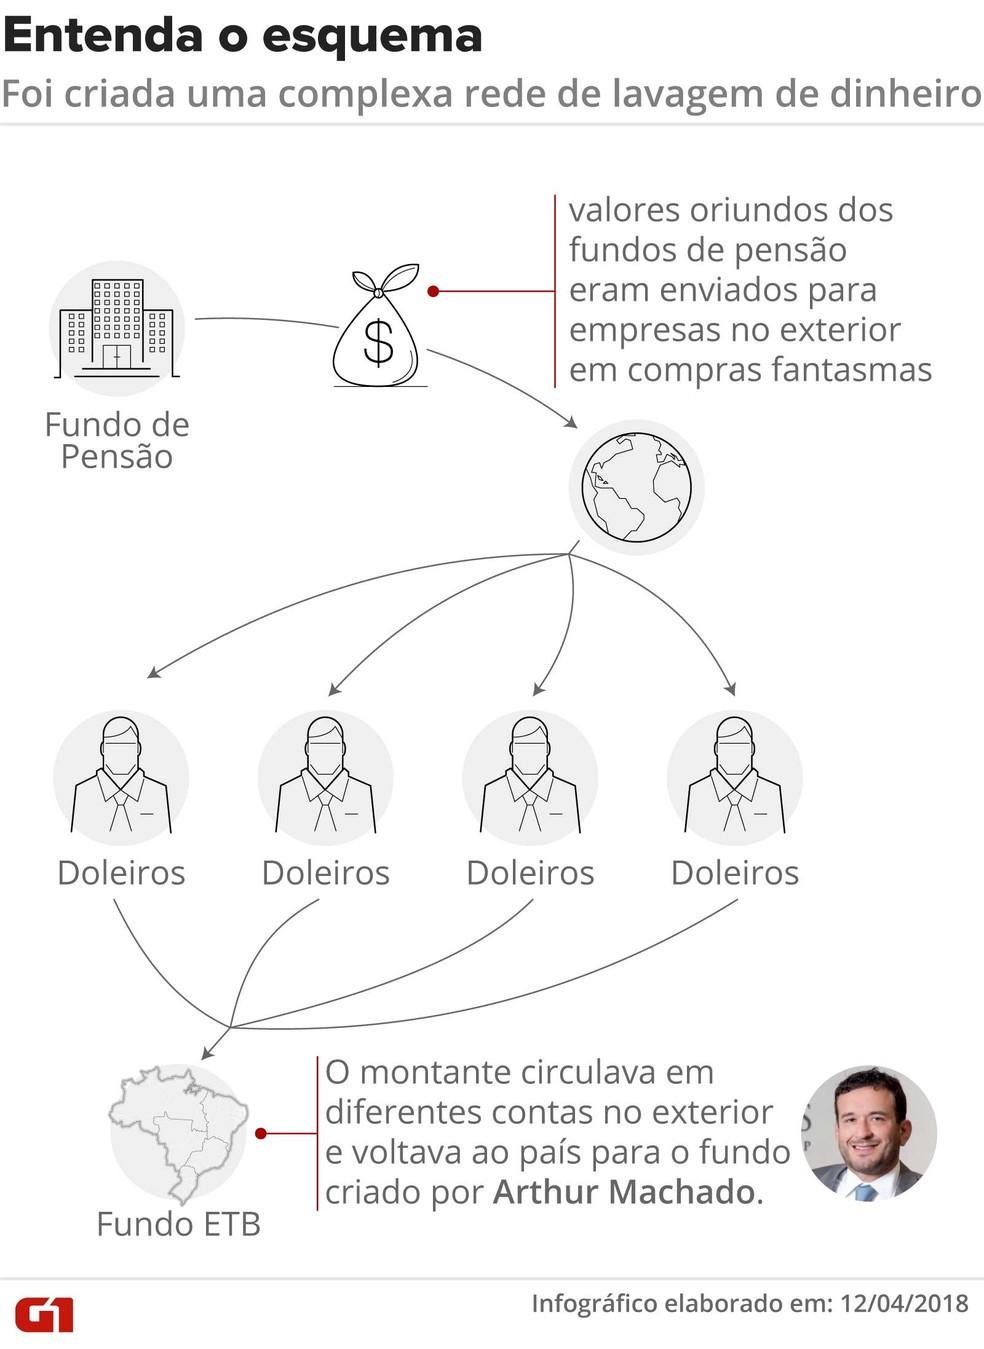 Aportes entre fundos não eram feitos diretamente (Foto: Claudia Ferreira/G1)